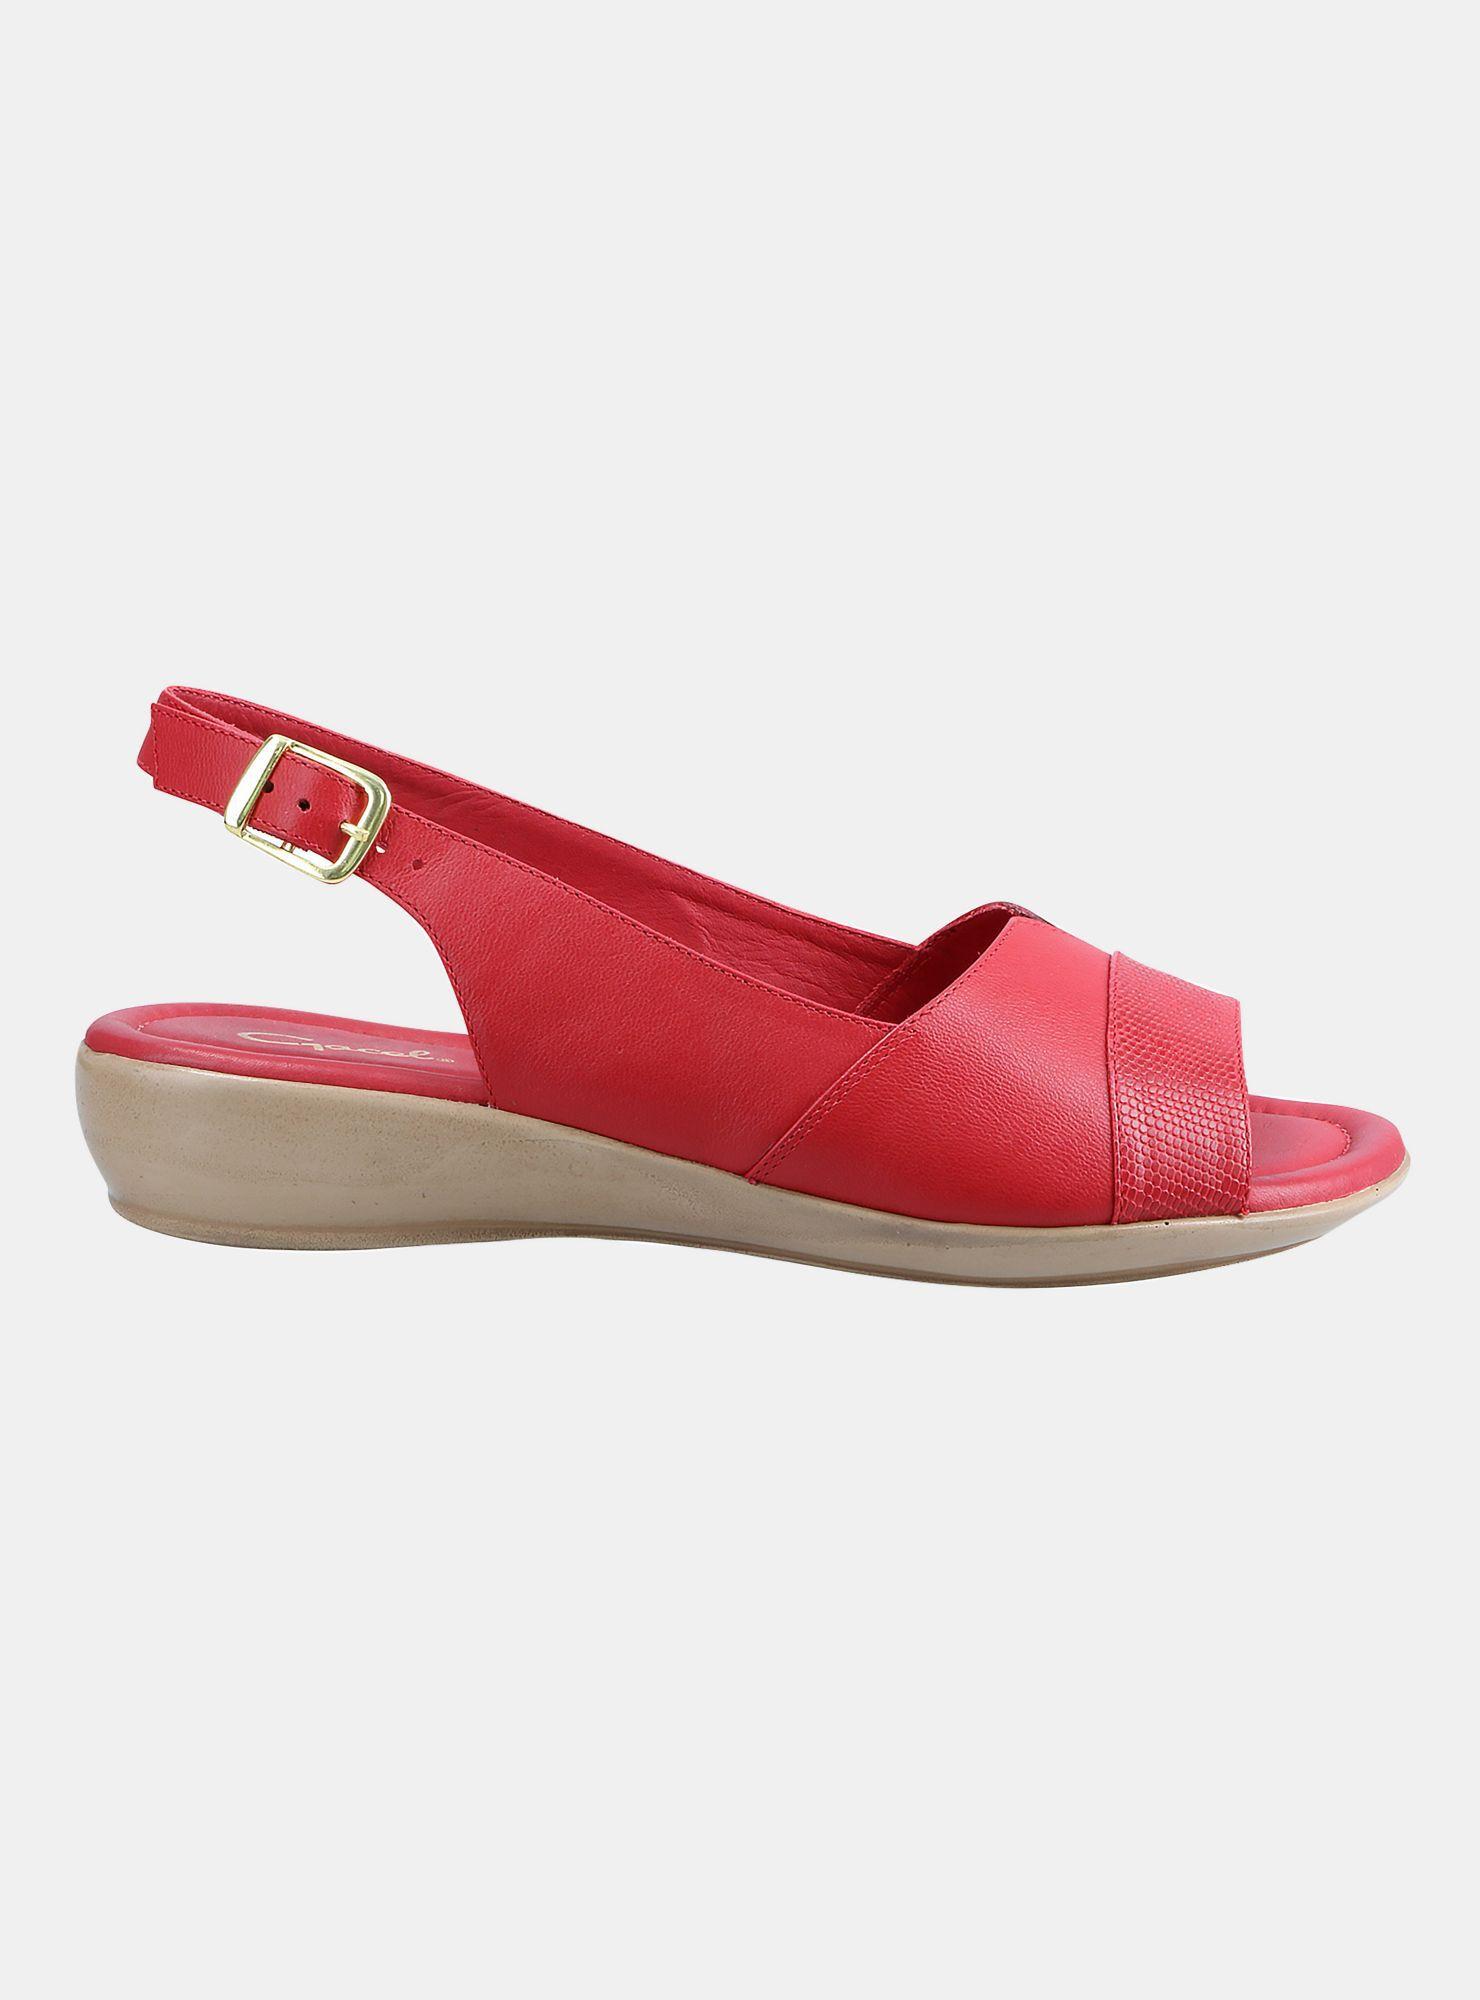 Cerebro elefante soltero  Sandalias y chanclas Adidas Adilette W Chanclas Baño Zapatos para baño  sandalia zapatos mocasines red ee6185 civilnodrustvo.ba